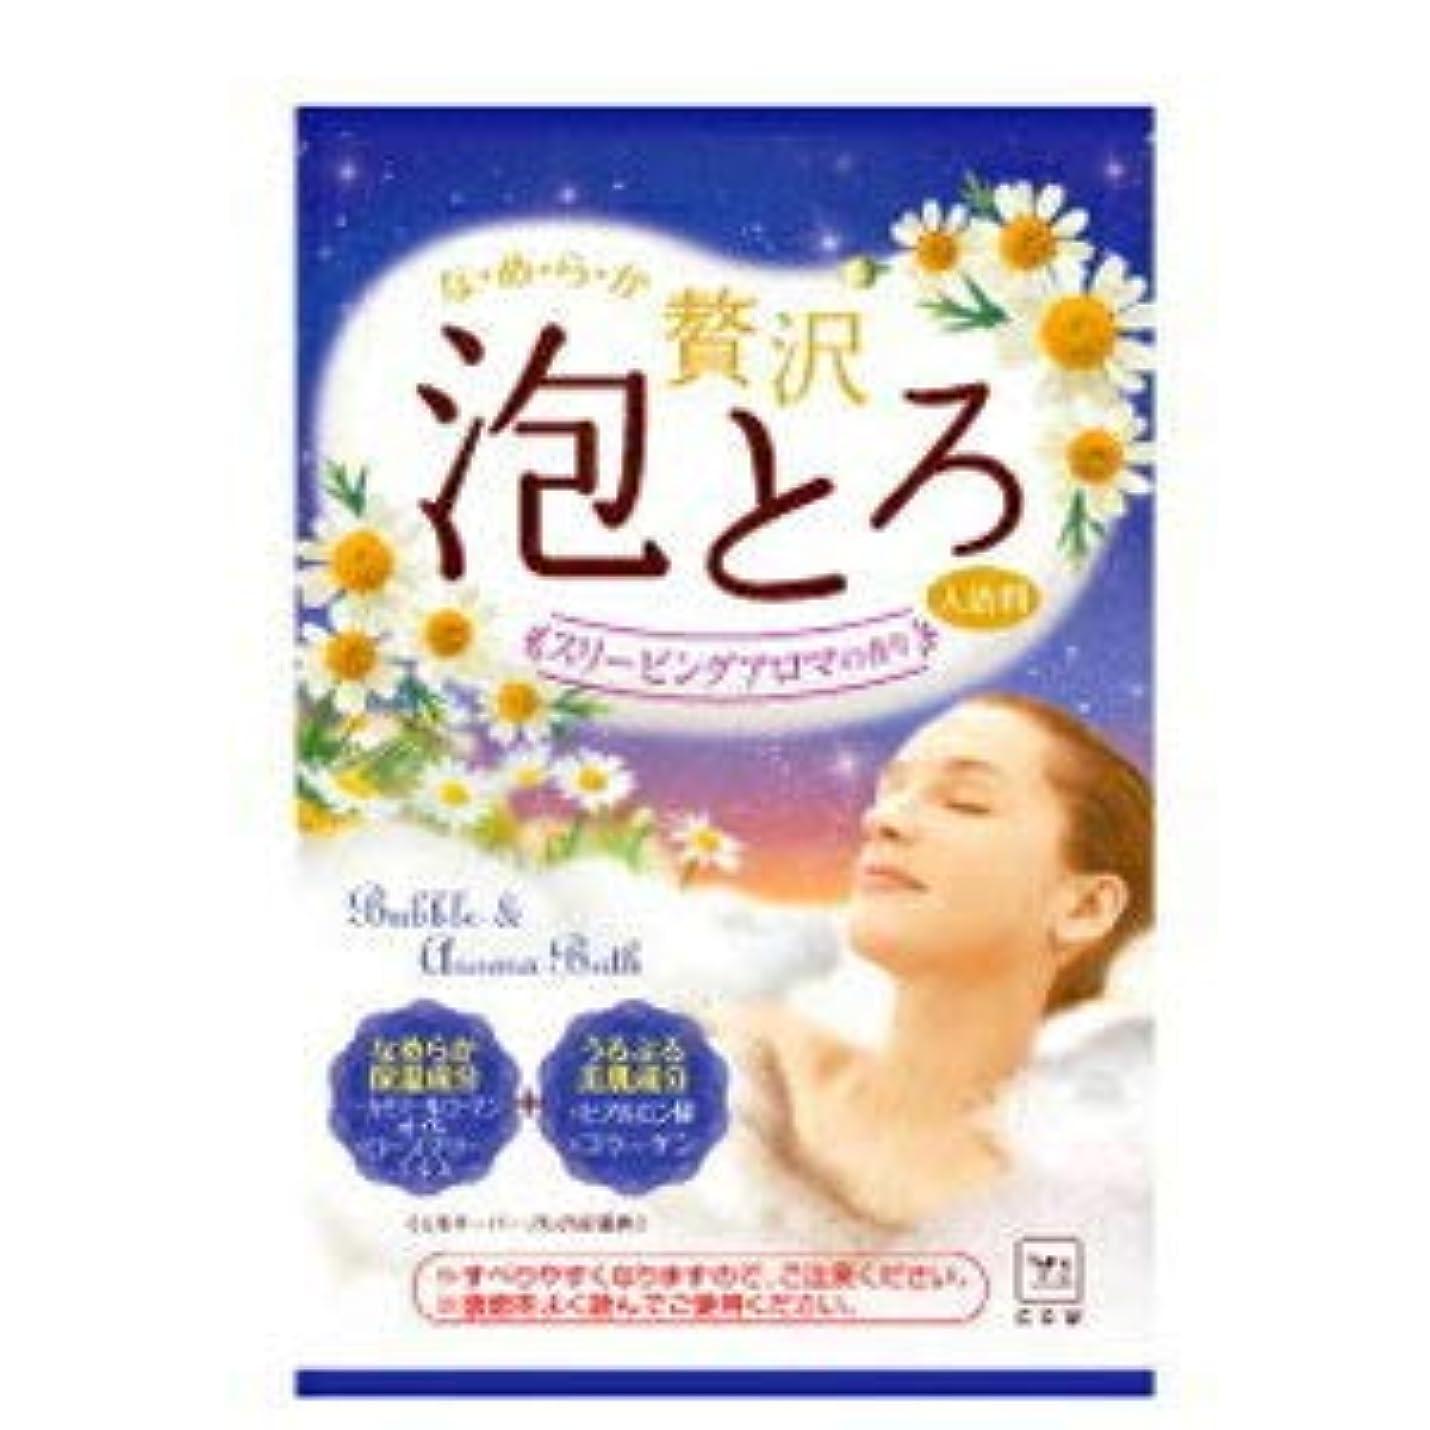 テロ退屈させる解く牛乳石鹸 お湯物語 贅沢泡とろ 入浴料 スリーピングアロマ 30g 16個セット